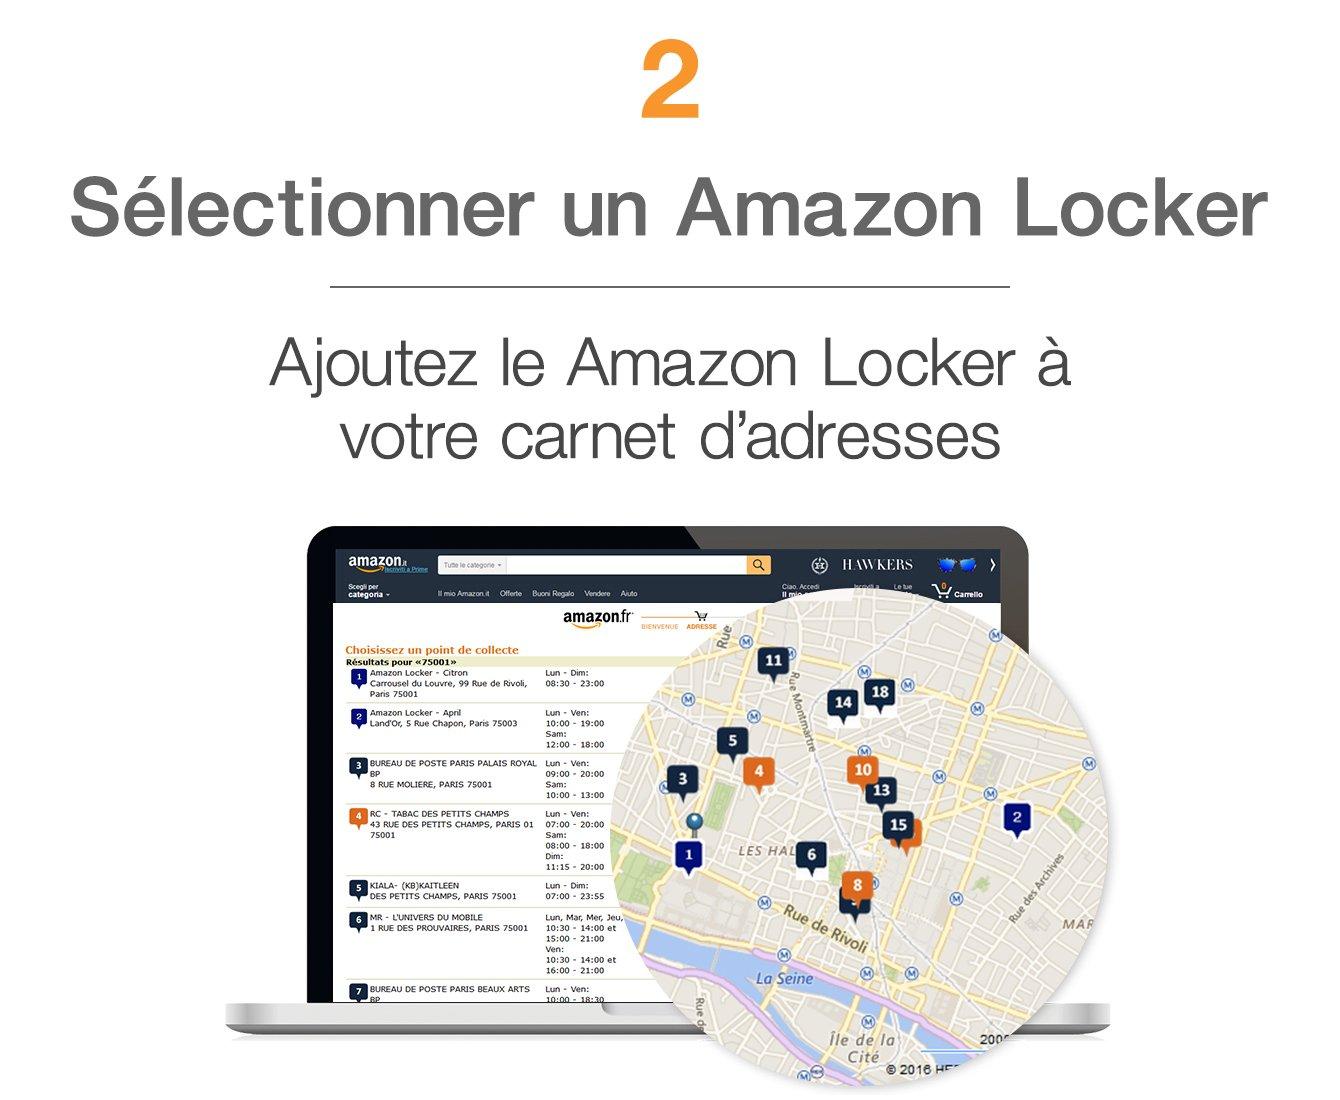 Sélectionner un Amazon Locker. Ajoutez le Amazon locker à votre carnet d'adresses